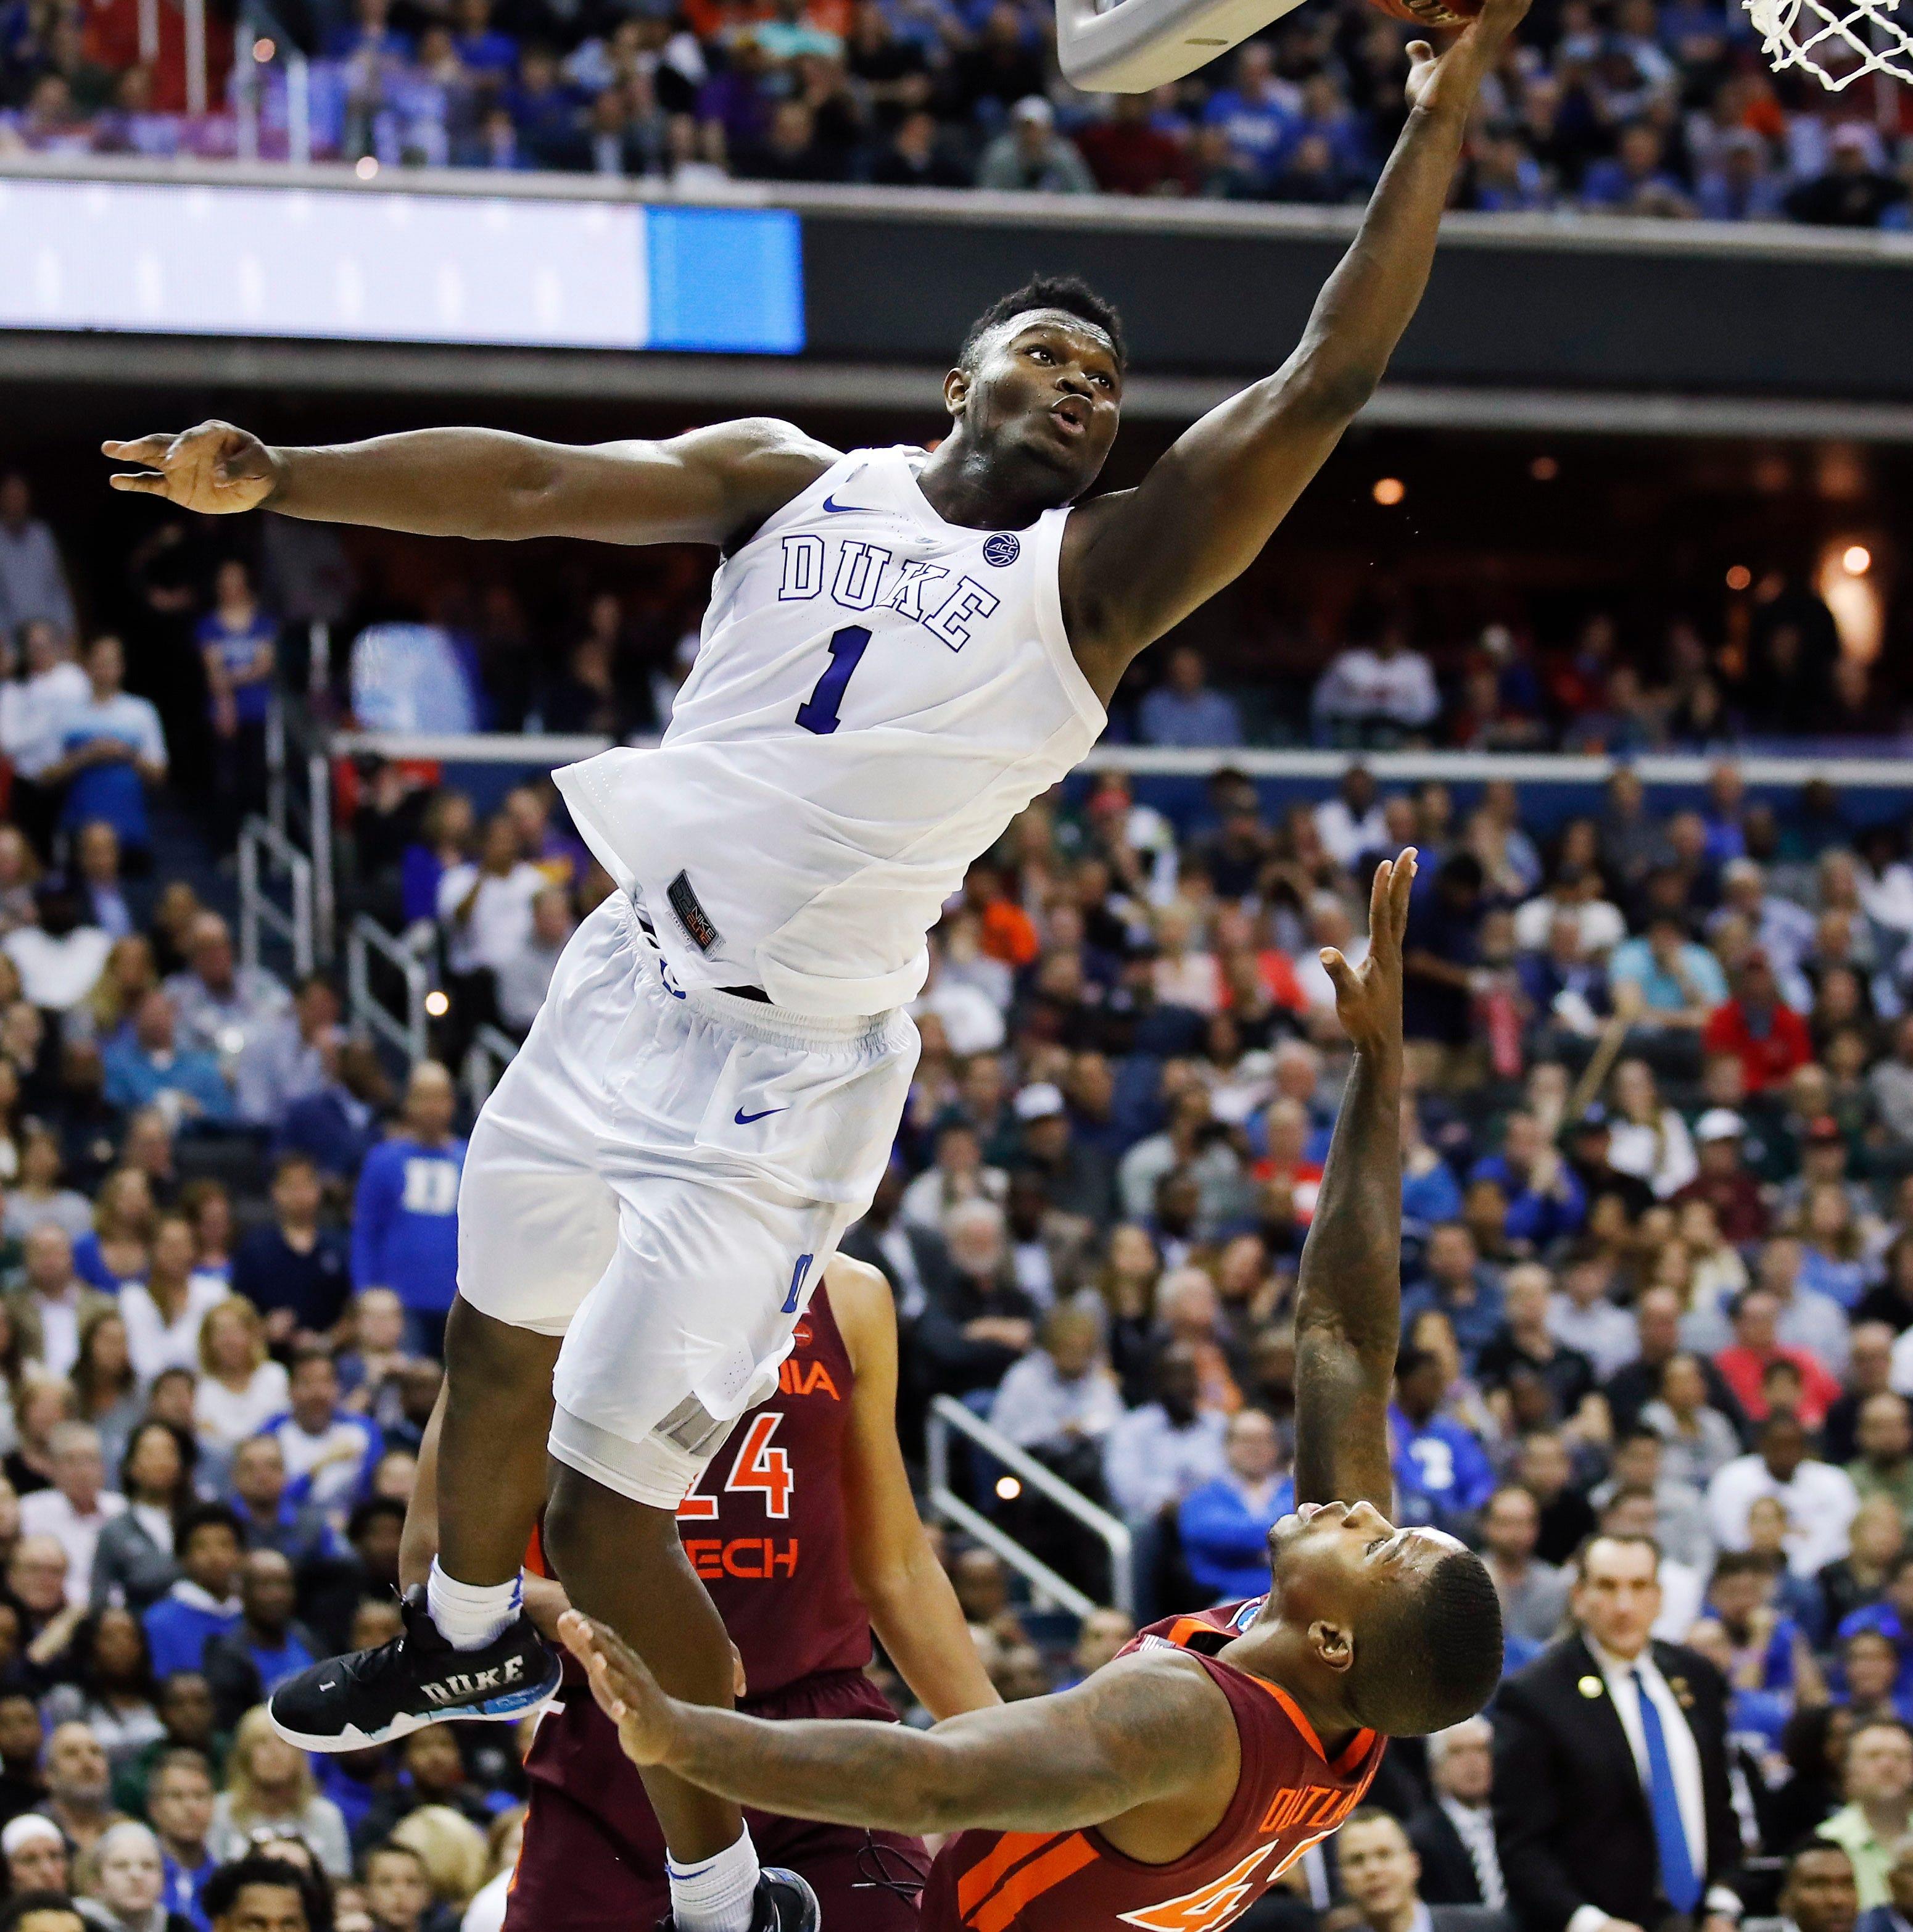 Duke avoids upset to edge Virginia Tech 75-73; Michigan State next up